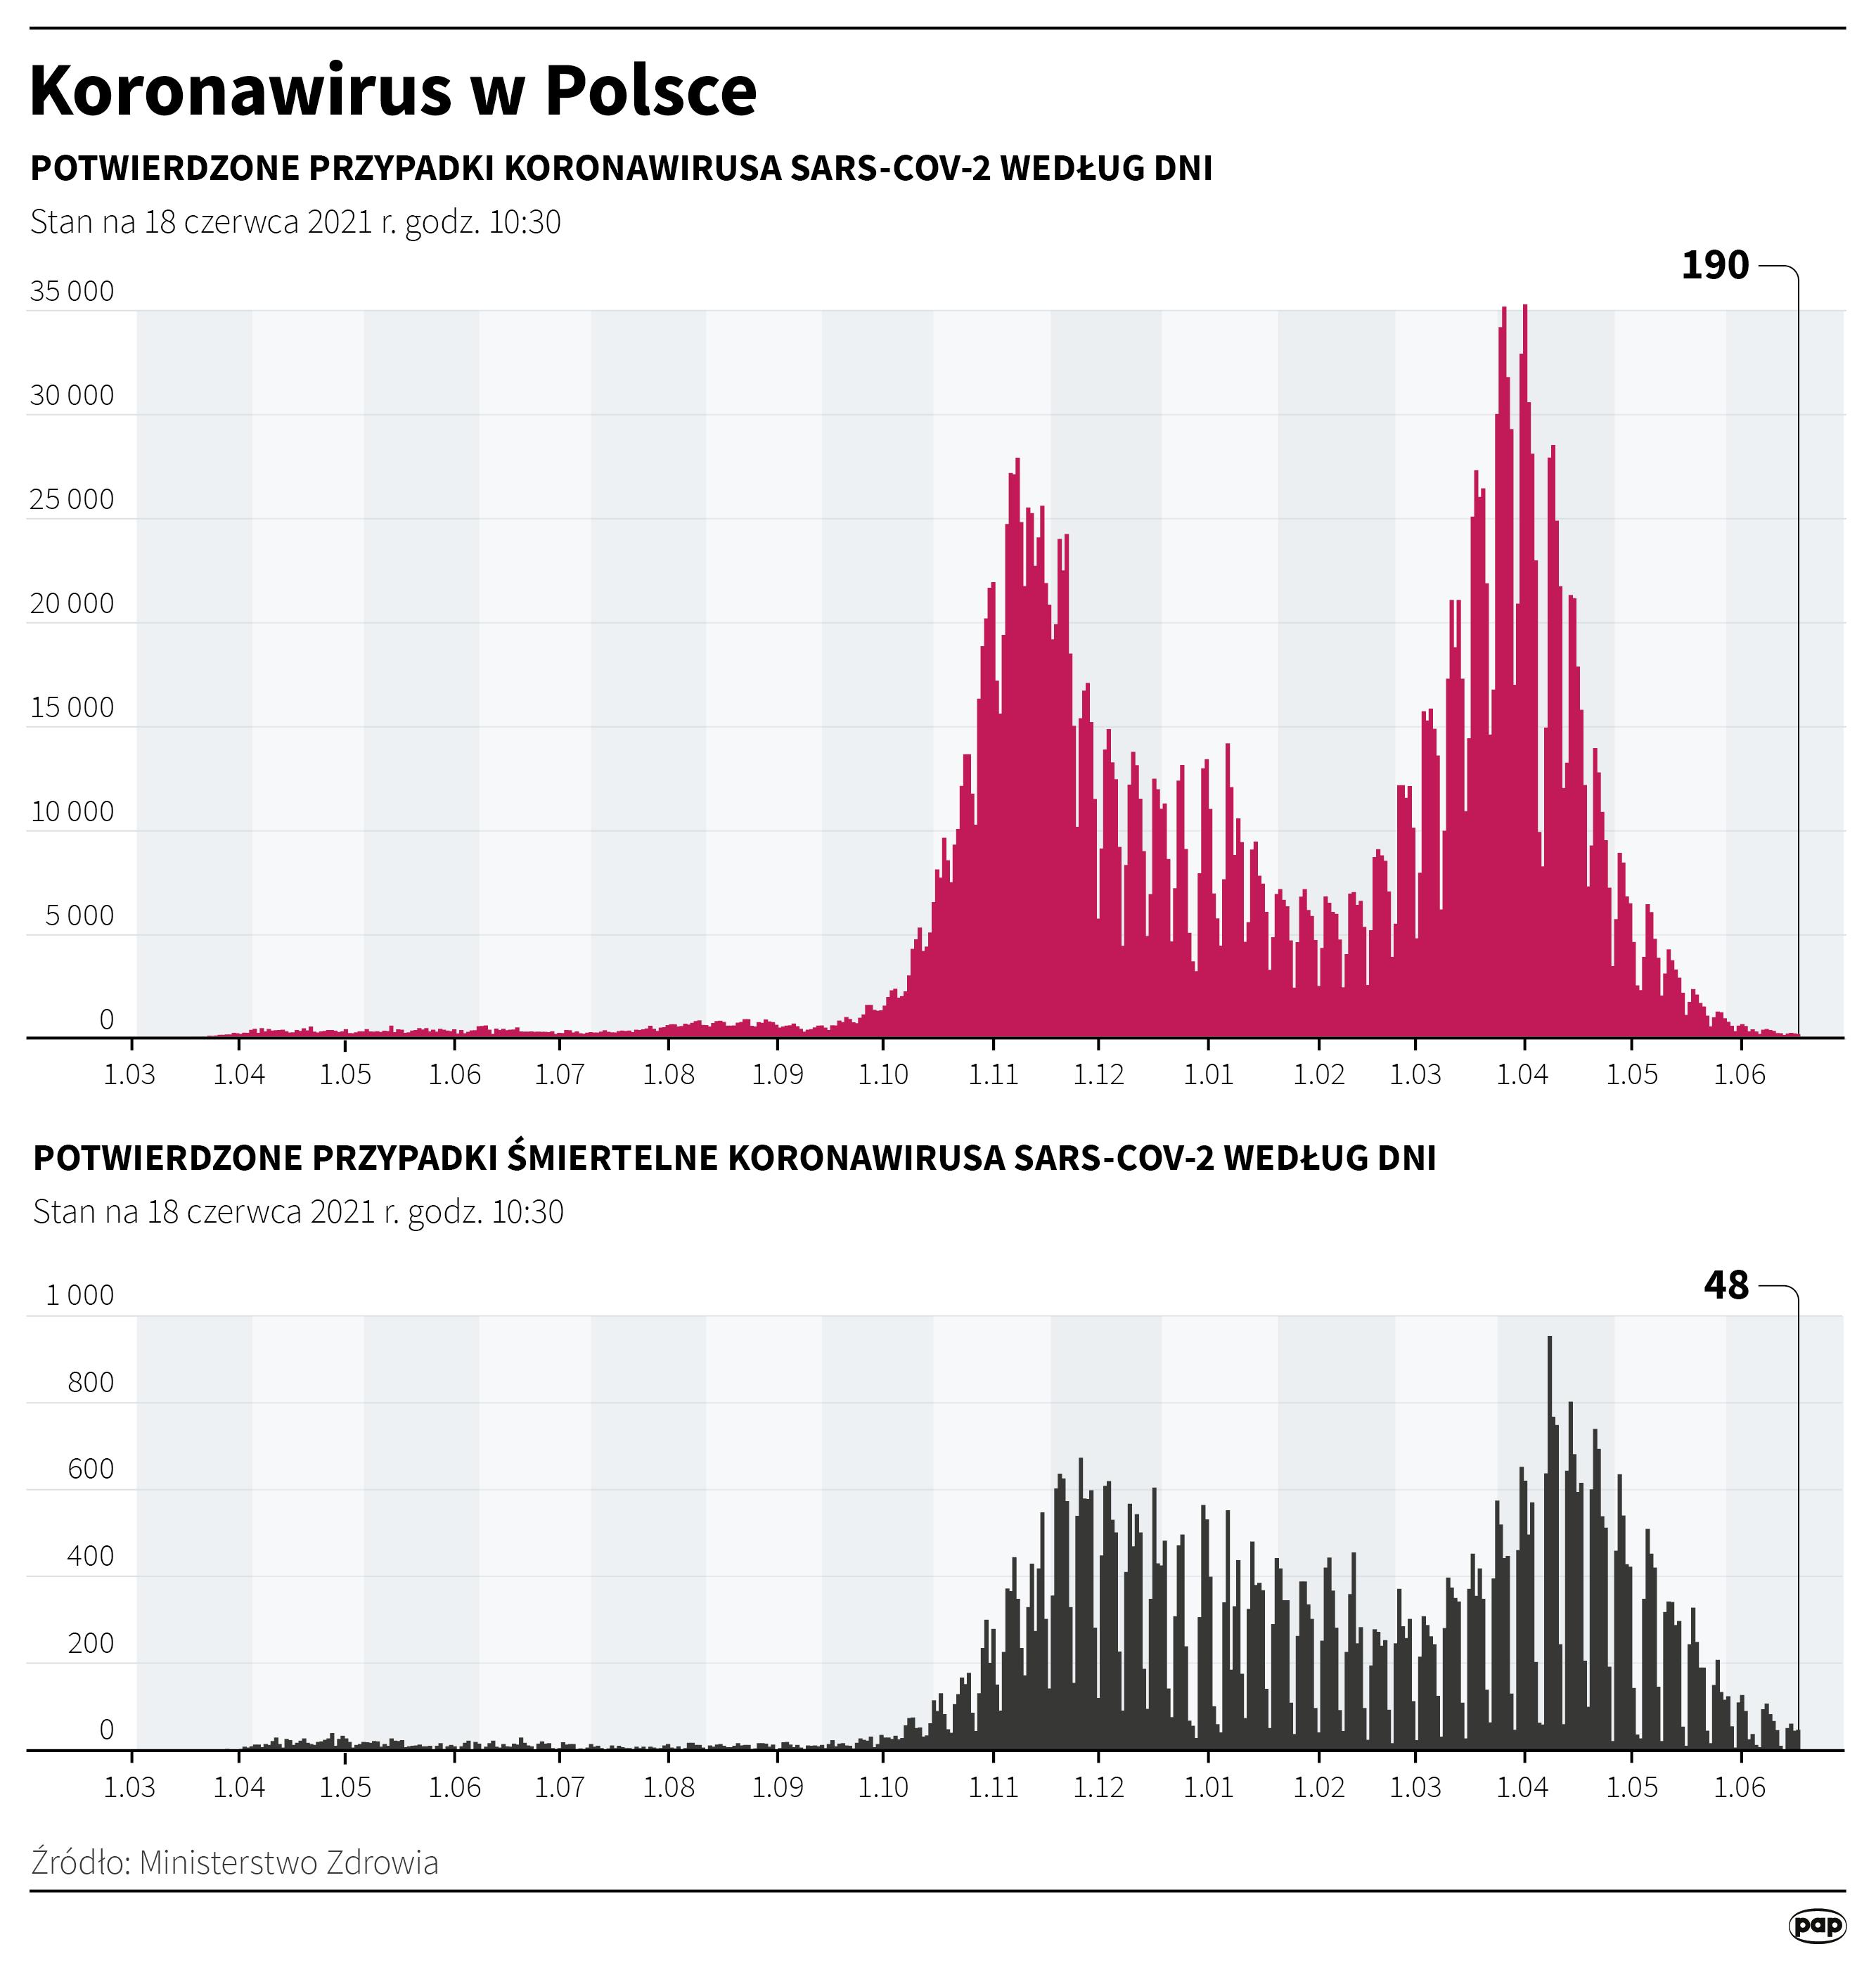 Koronawirus w Polsce stan na 18 czerwca [autor: Maria Samczuk, źródło: PAP]